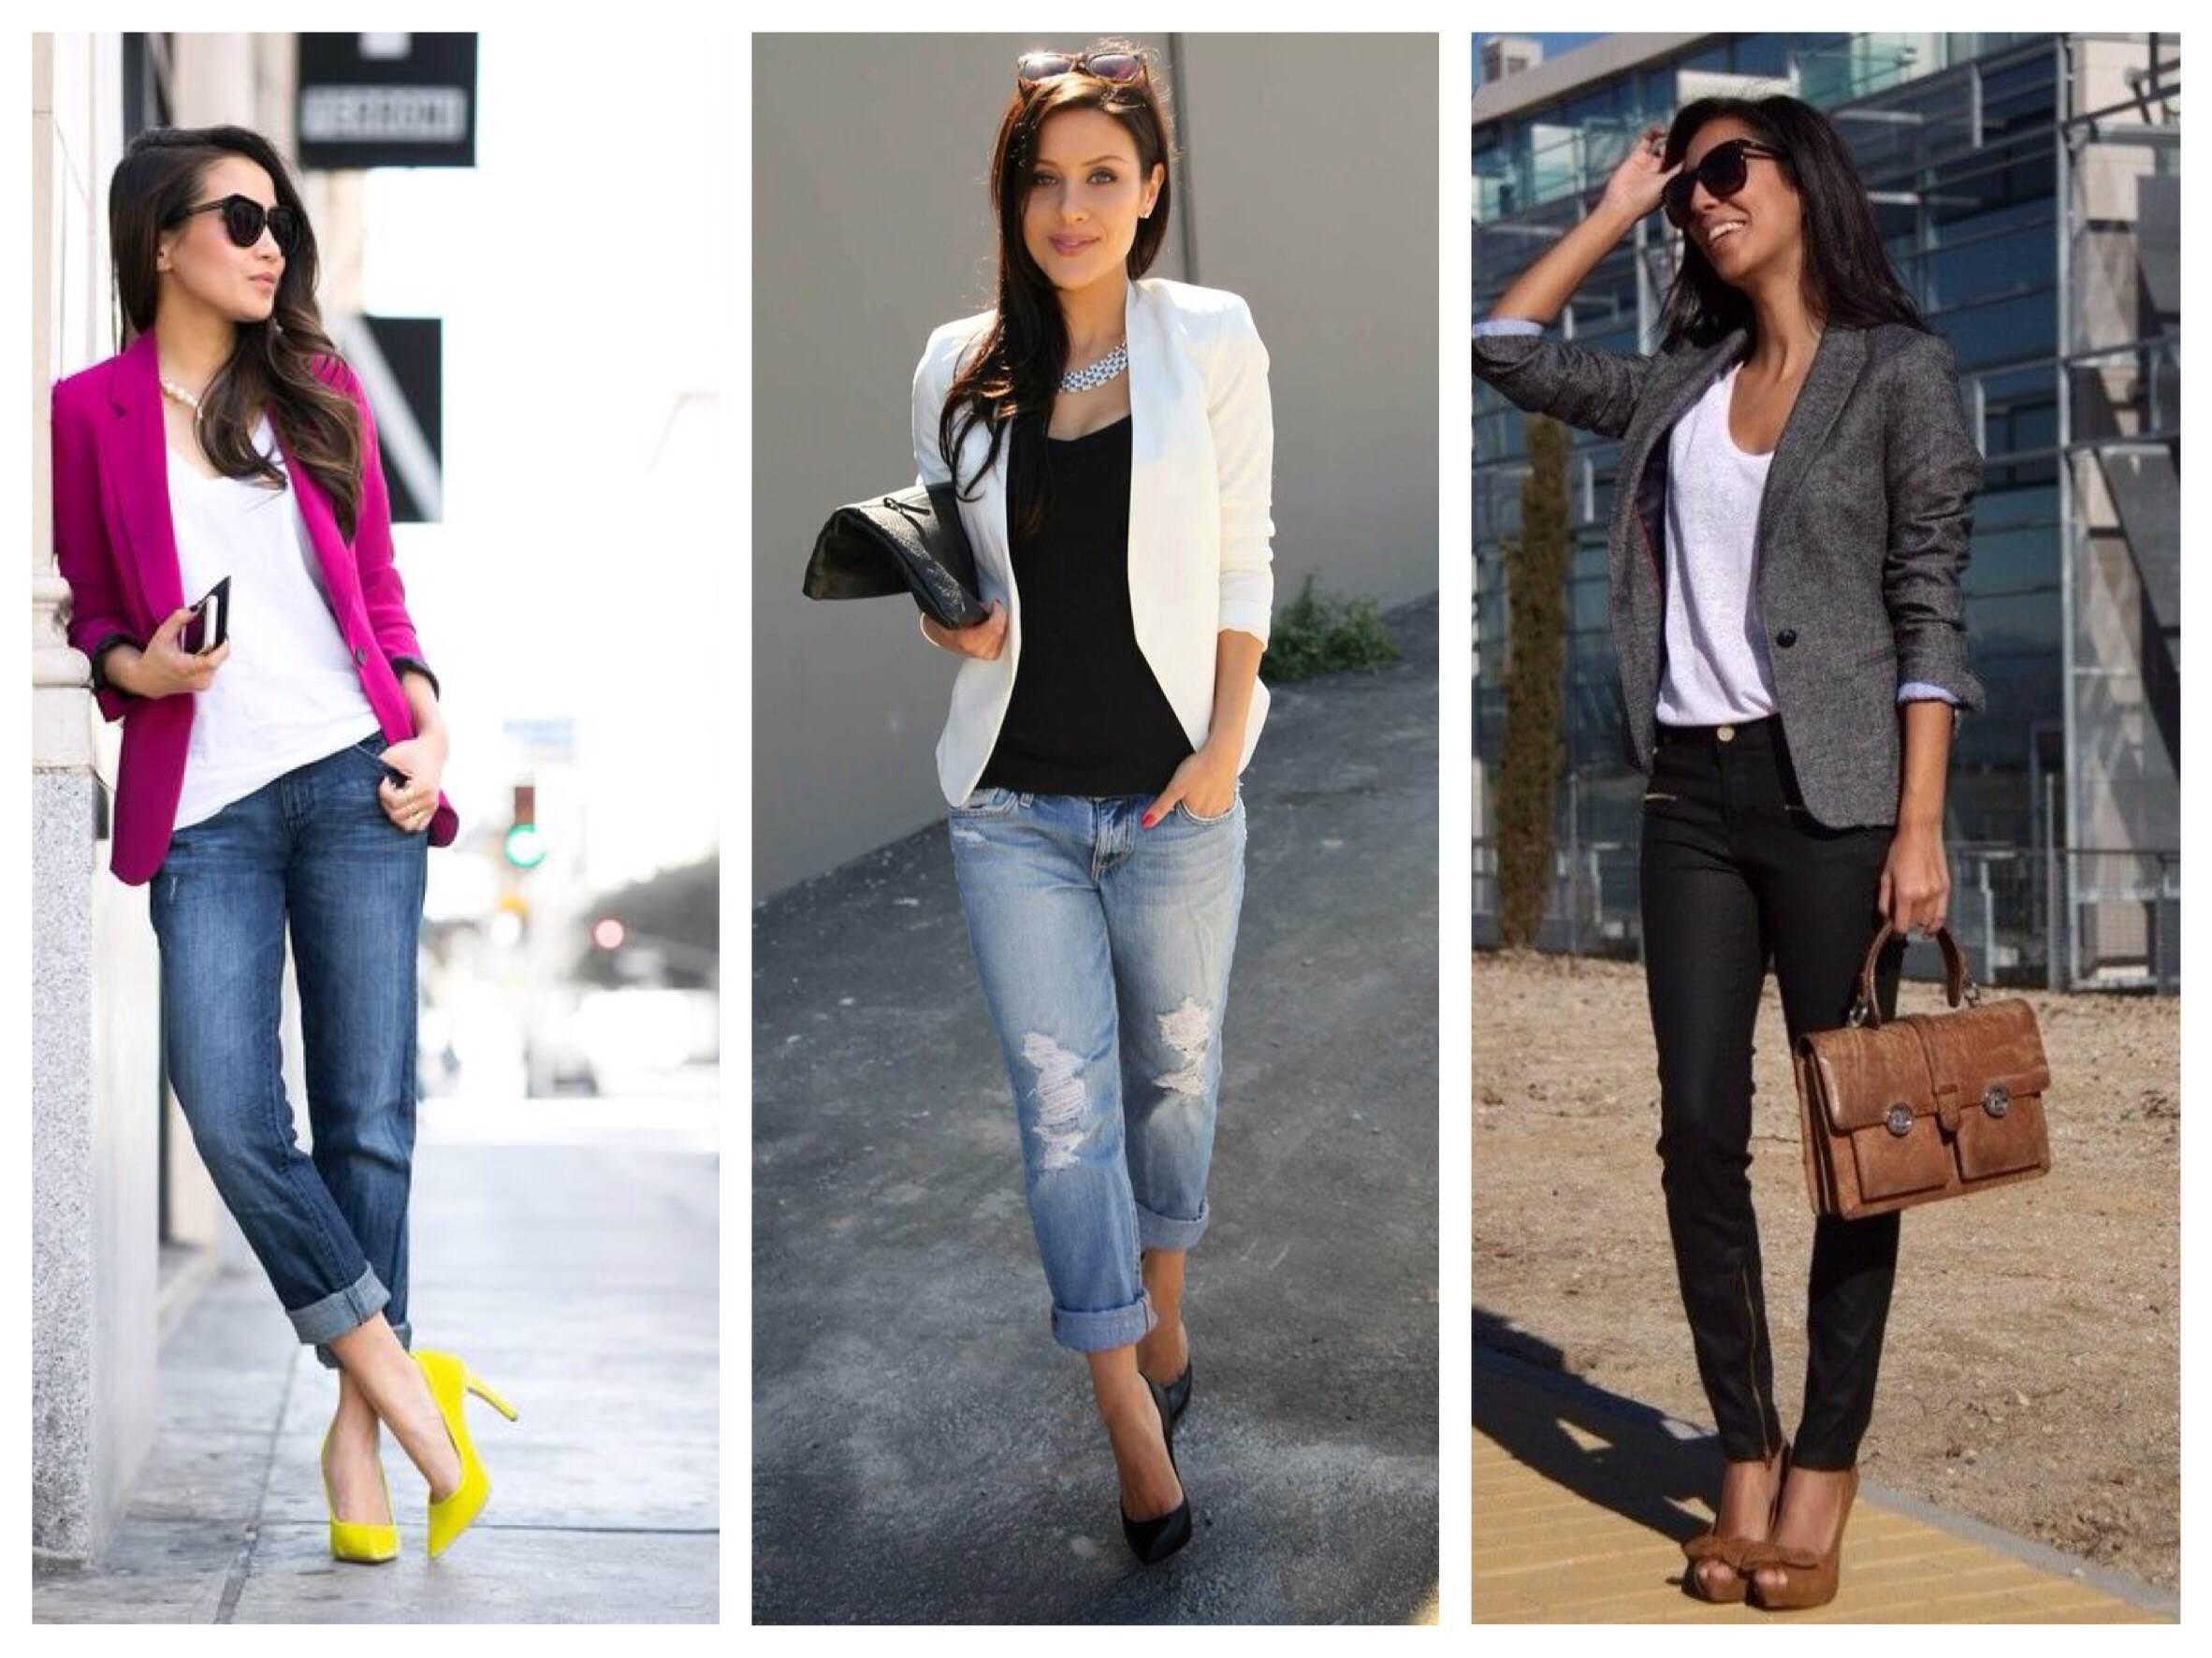 Модные женские пиджаки весна-лето 2020, фото